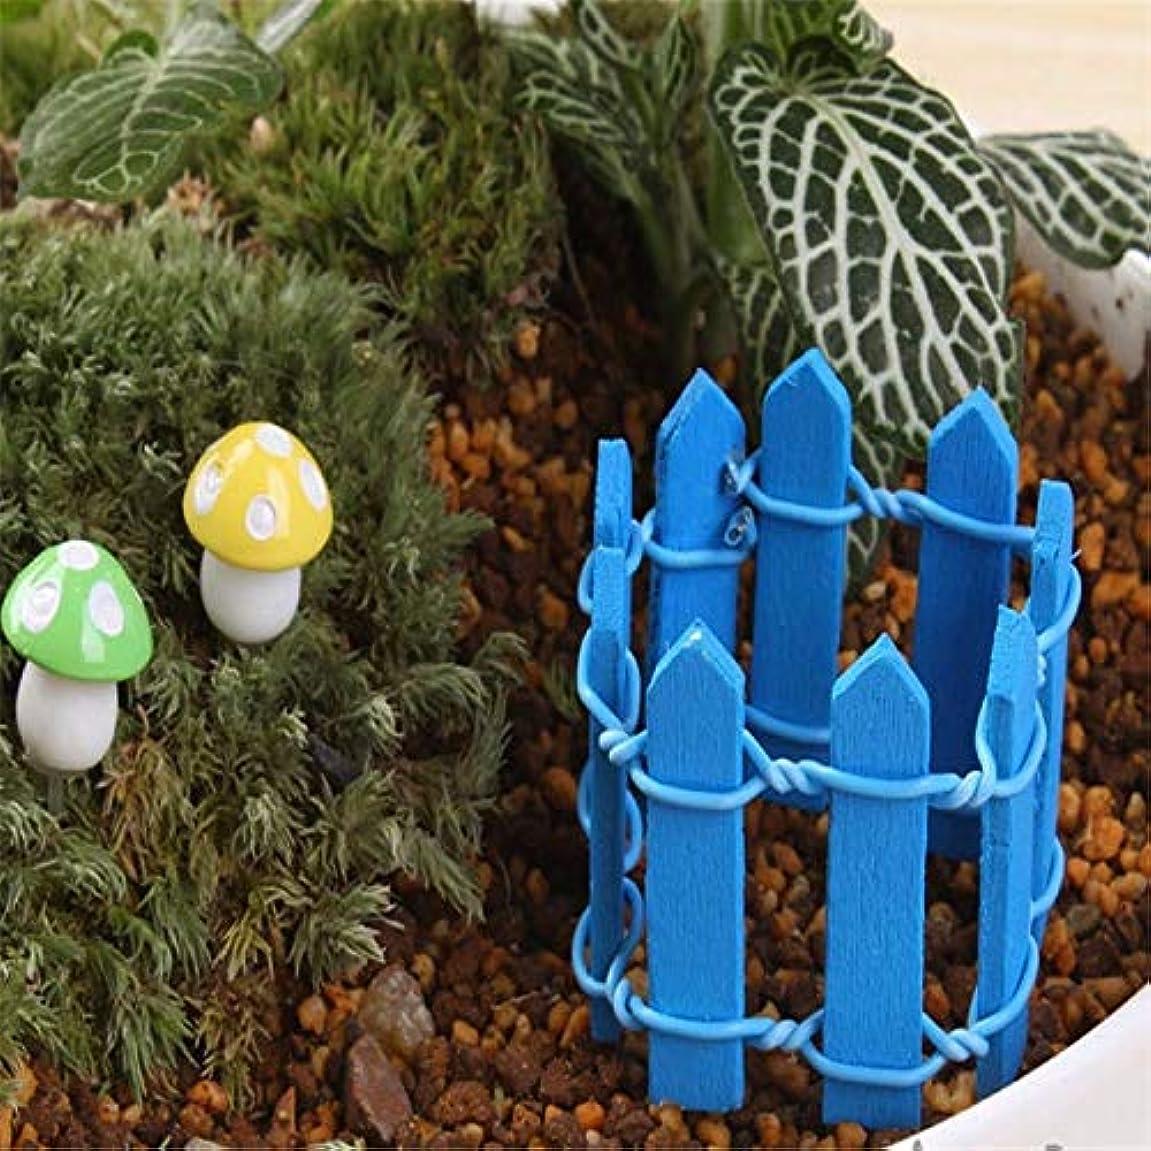 ええ必要とする請求書Jicorzo - 20個DIY木製の小さなフェンスモステラリウム植木鉢工芸ミニおもちゃフェアリーガーデンミニチュア[ディープブルー]